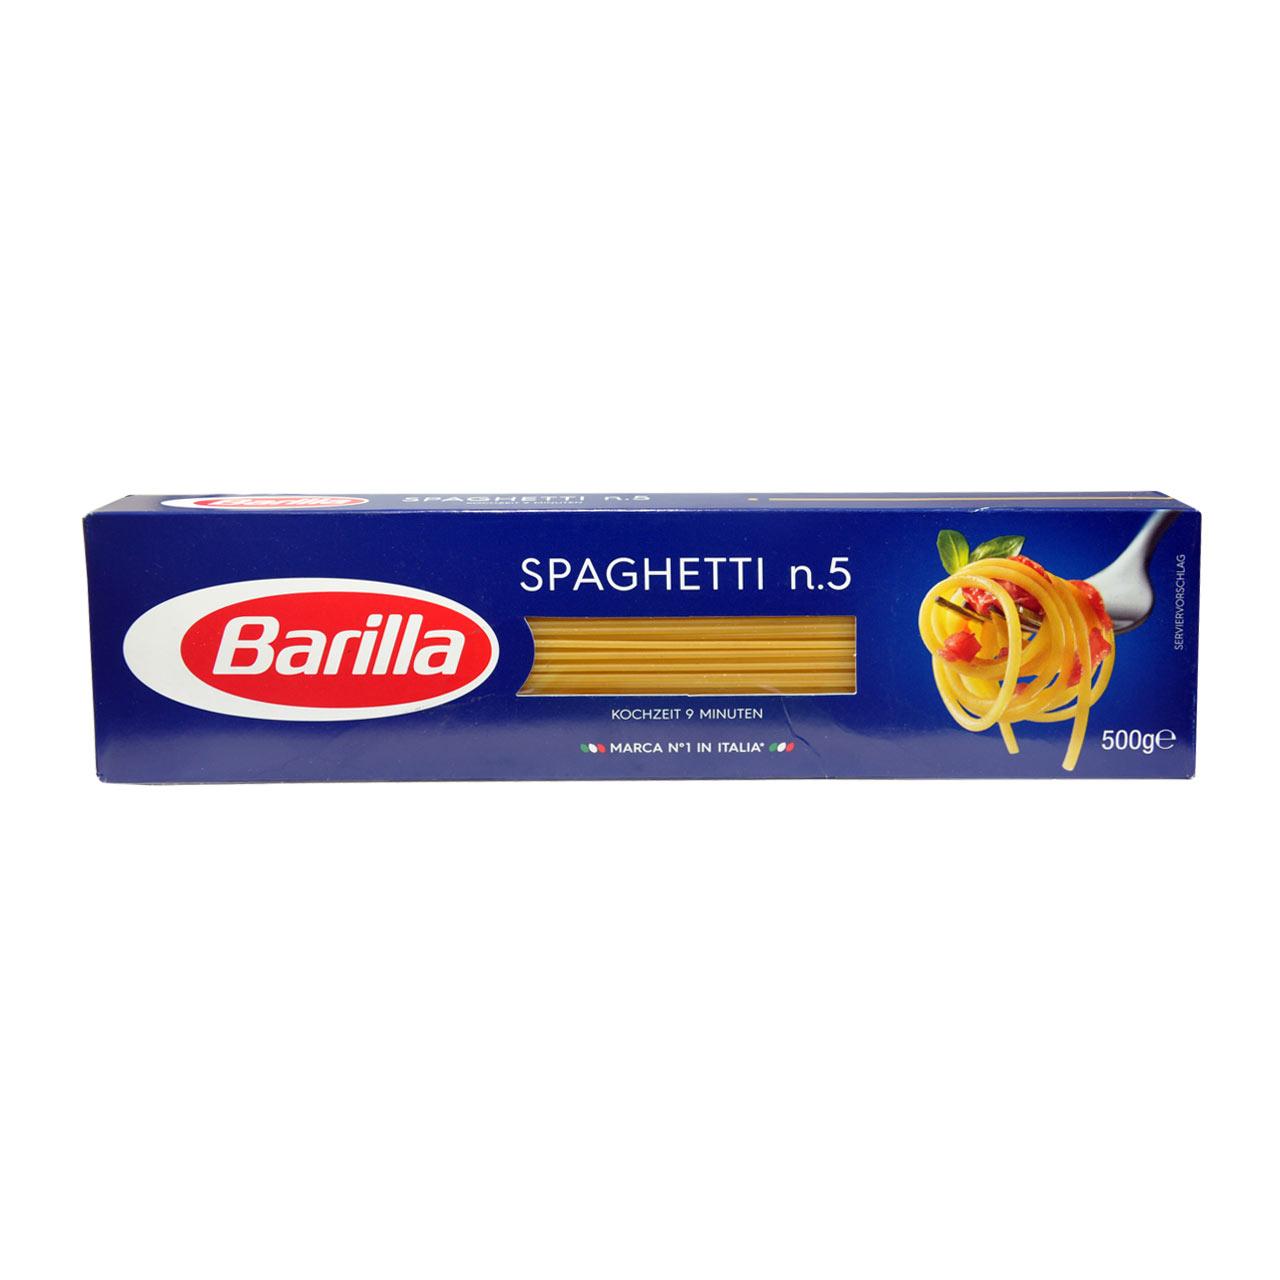 اسپاگتی نازک n.5 باریلا 500 گرمی Barilla